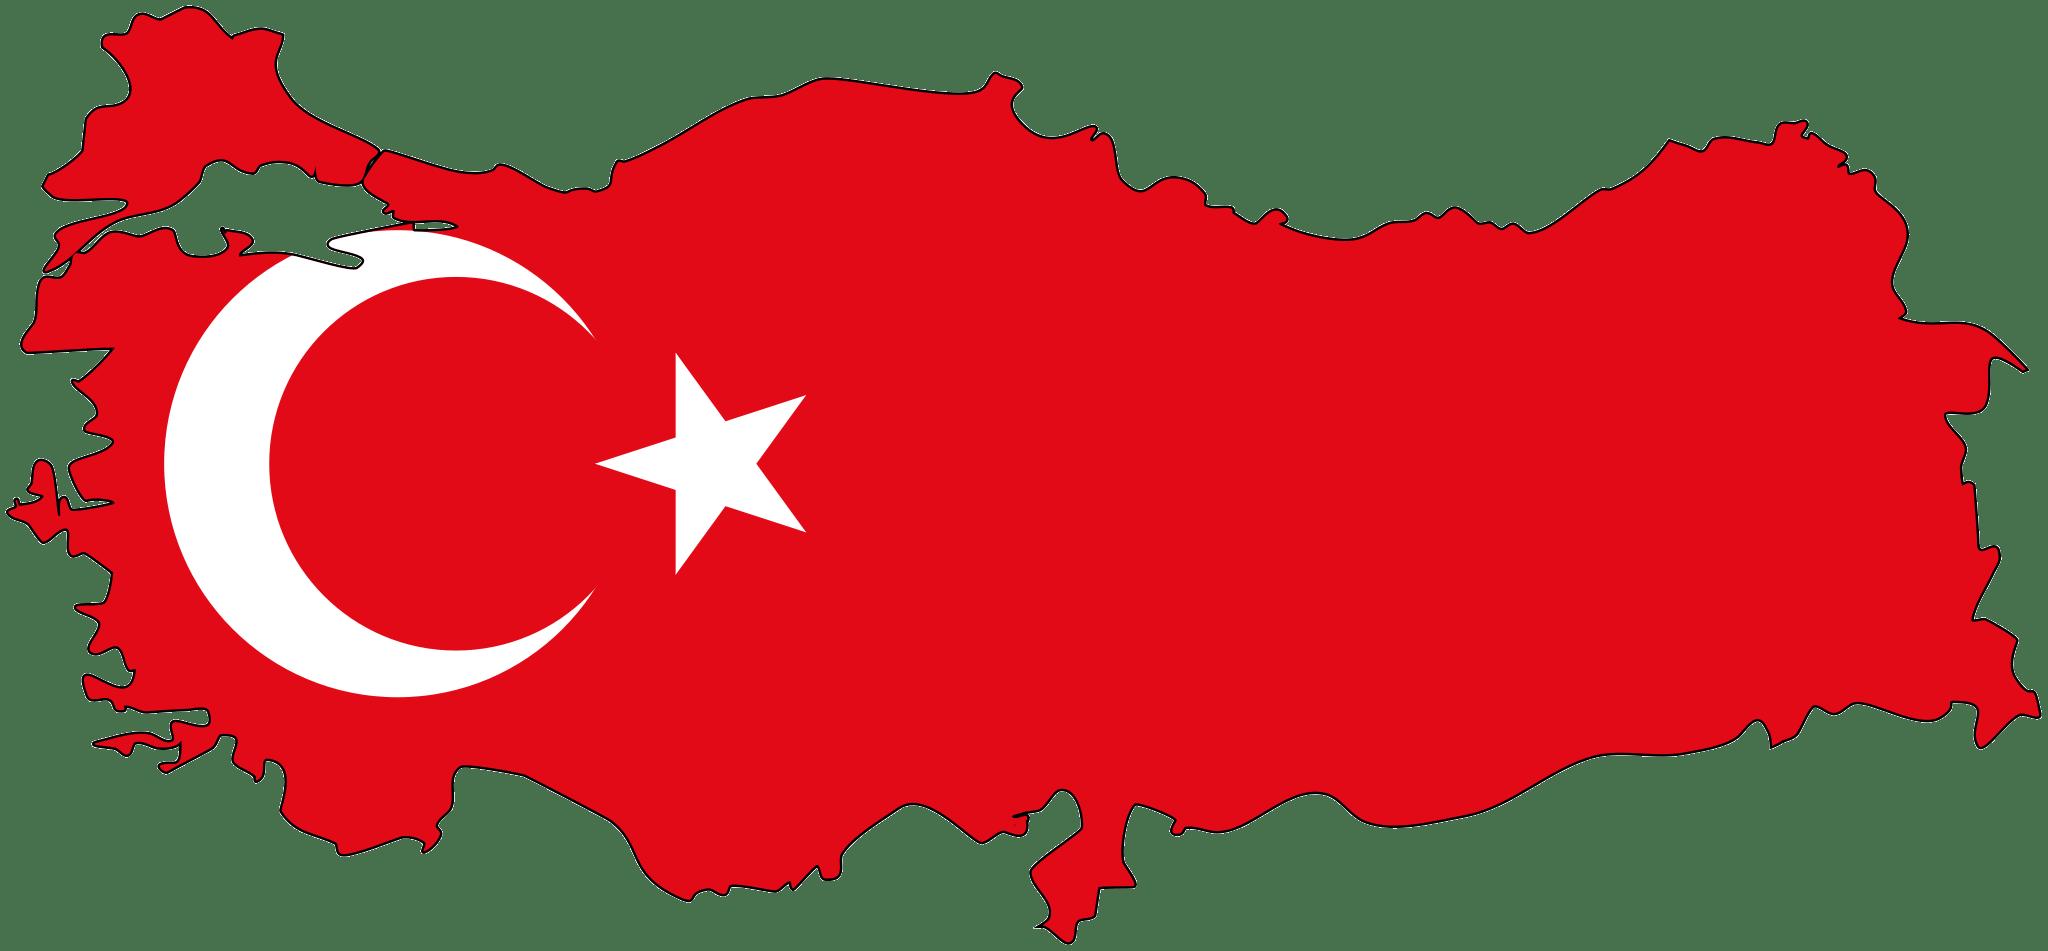 جدول سياحي إلى تركيا في الريف الشمالي لمدة 10 أيام